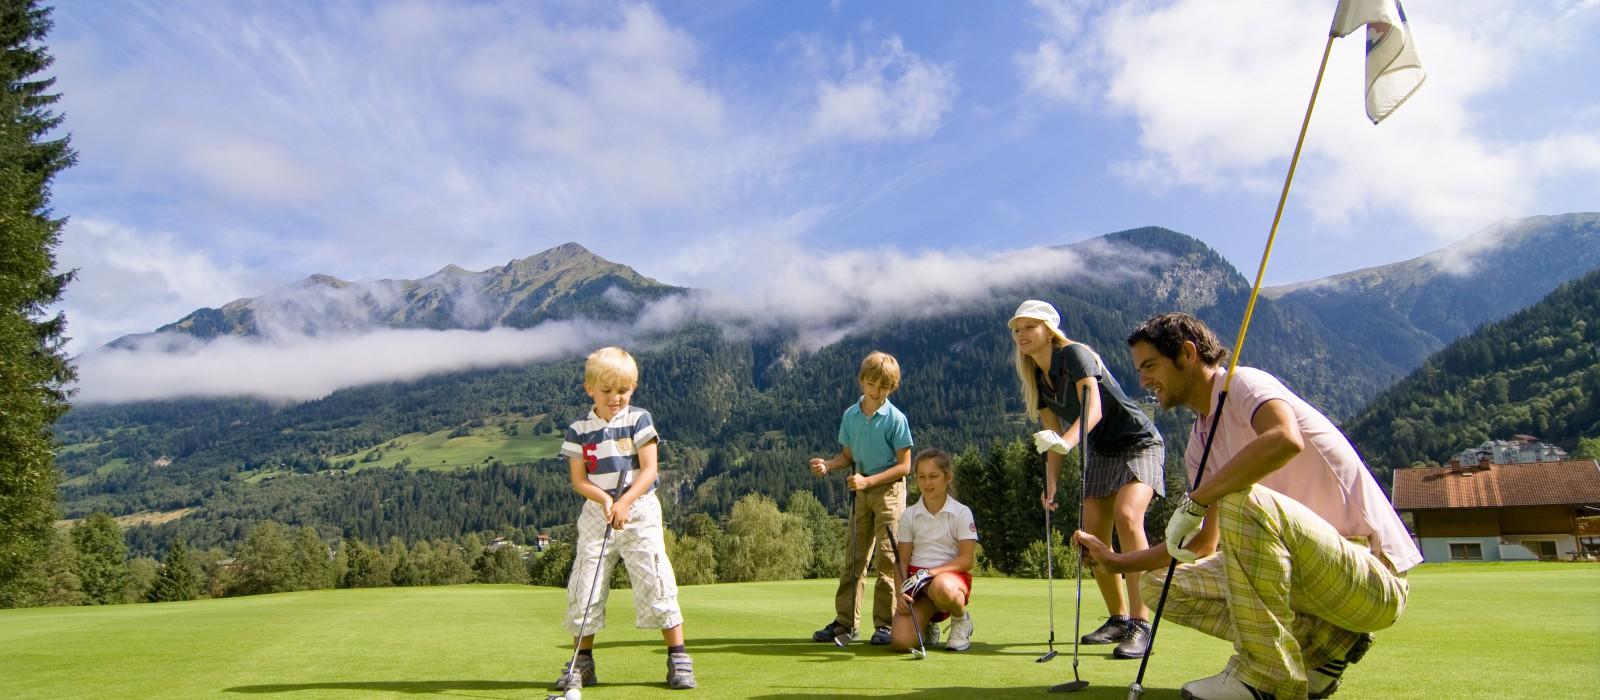 Golfurlaub für die ganze Familie im Gasteiner Tal